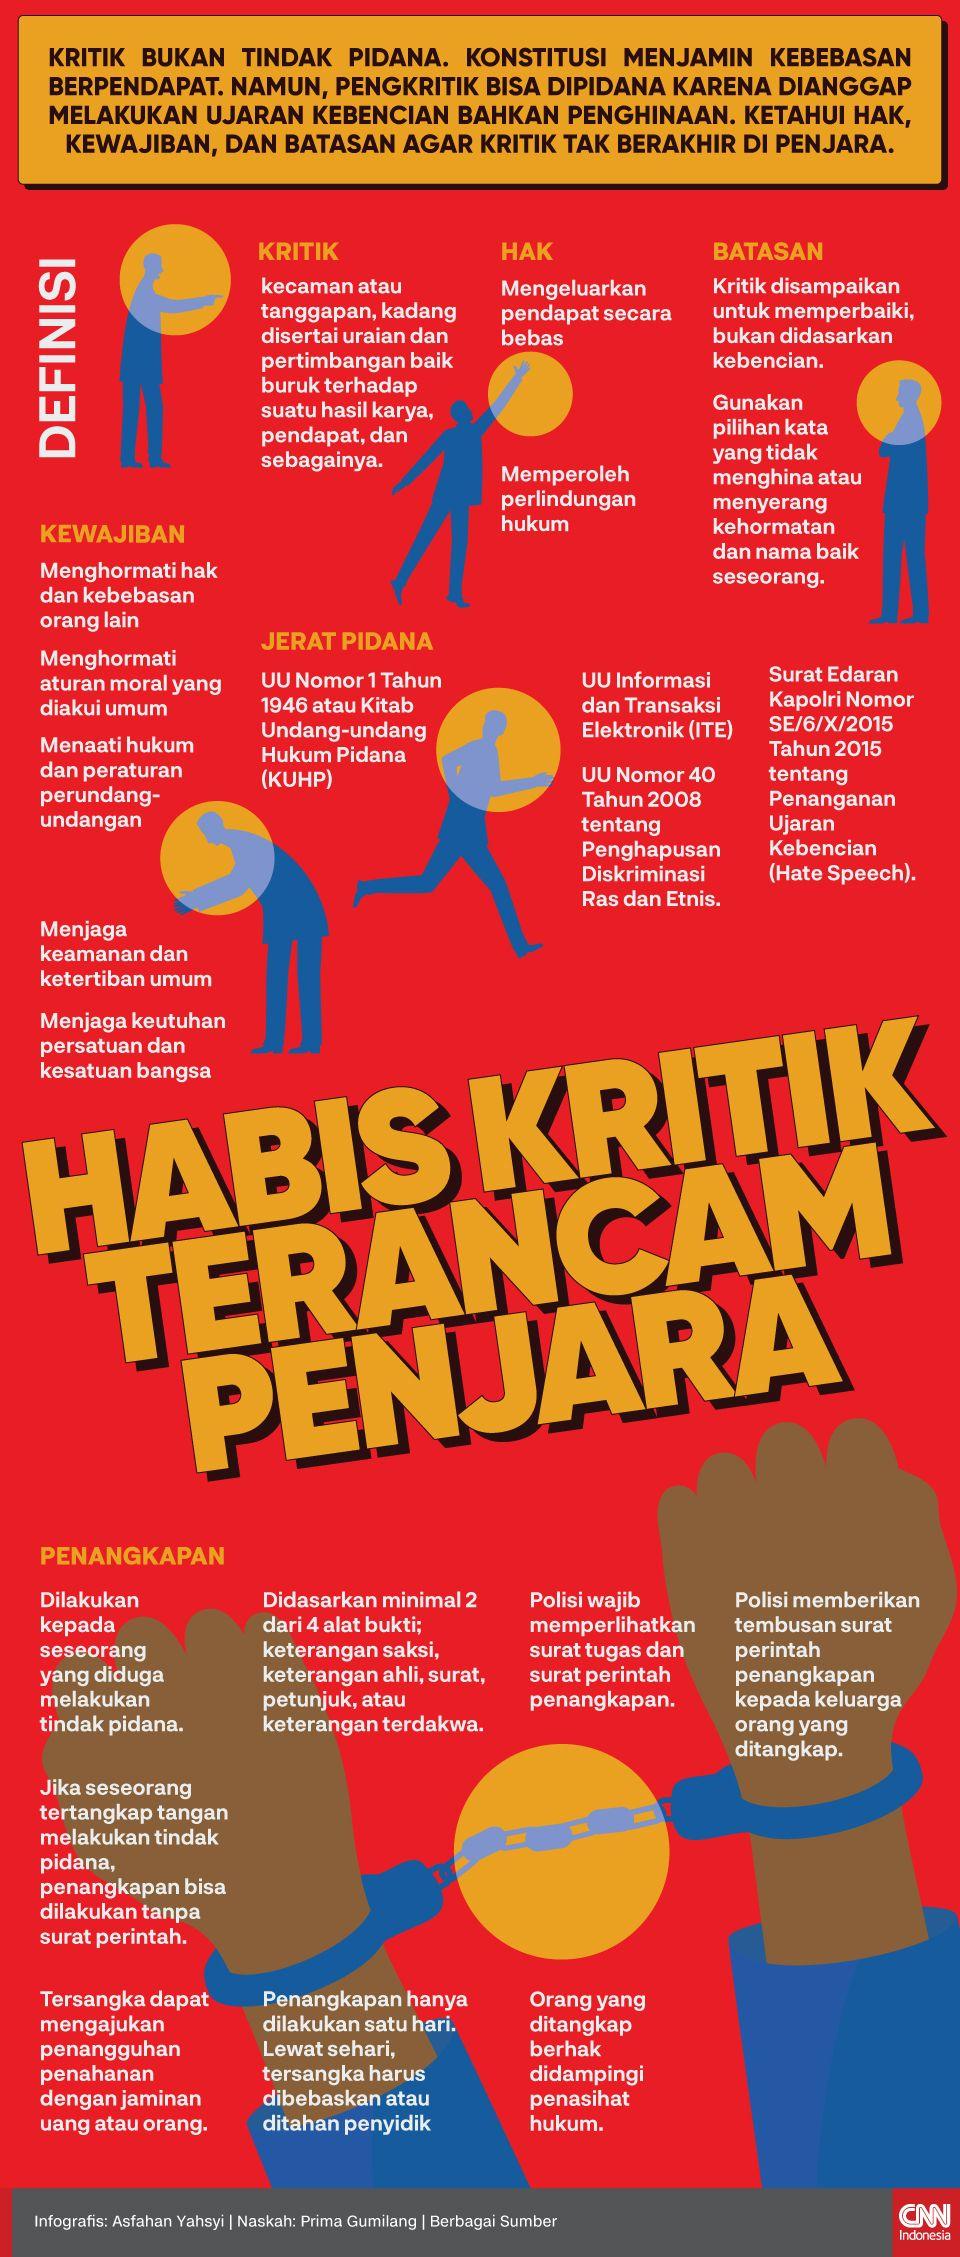 Infografis Habis Kritik Terancam Penjara